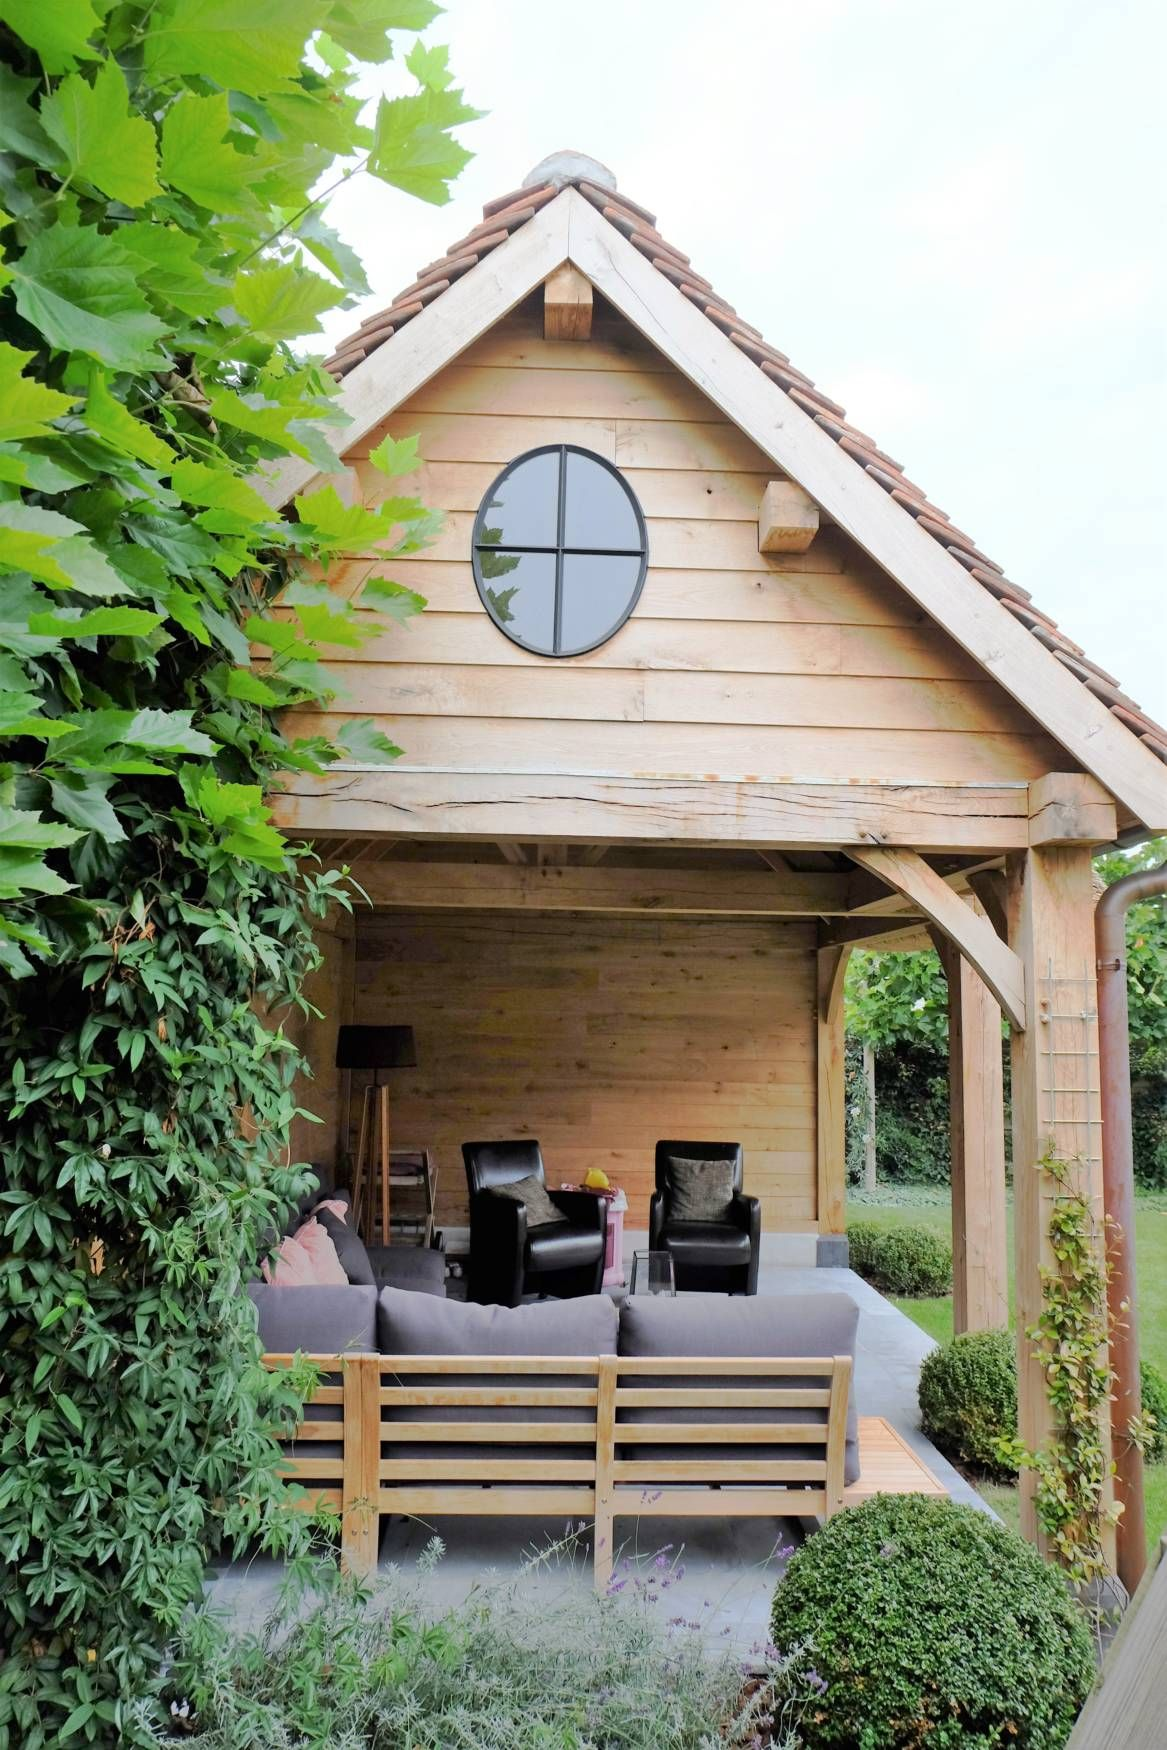 Vanhauwood Landelijk Tuinhuis Met Overdekte Zitplaats 2 Buitenhuis